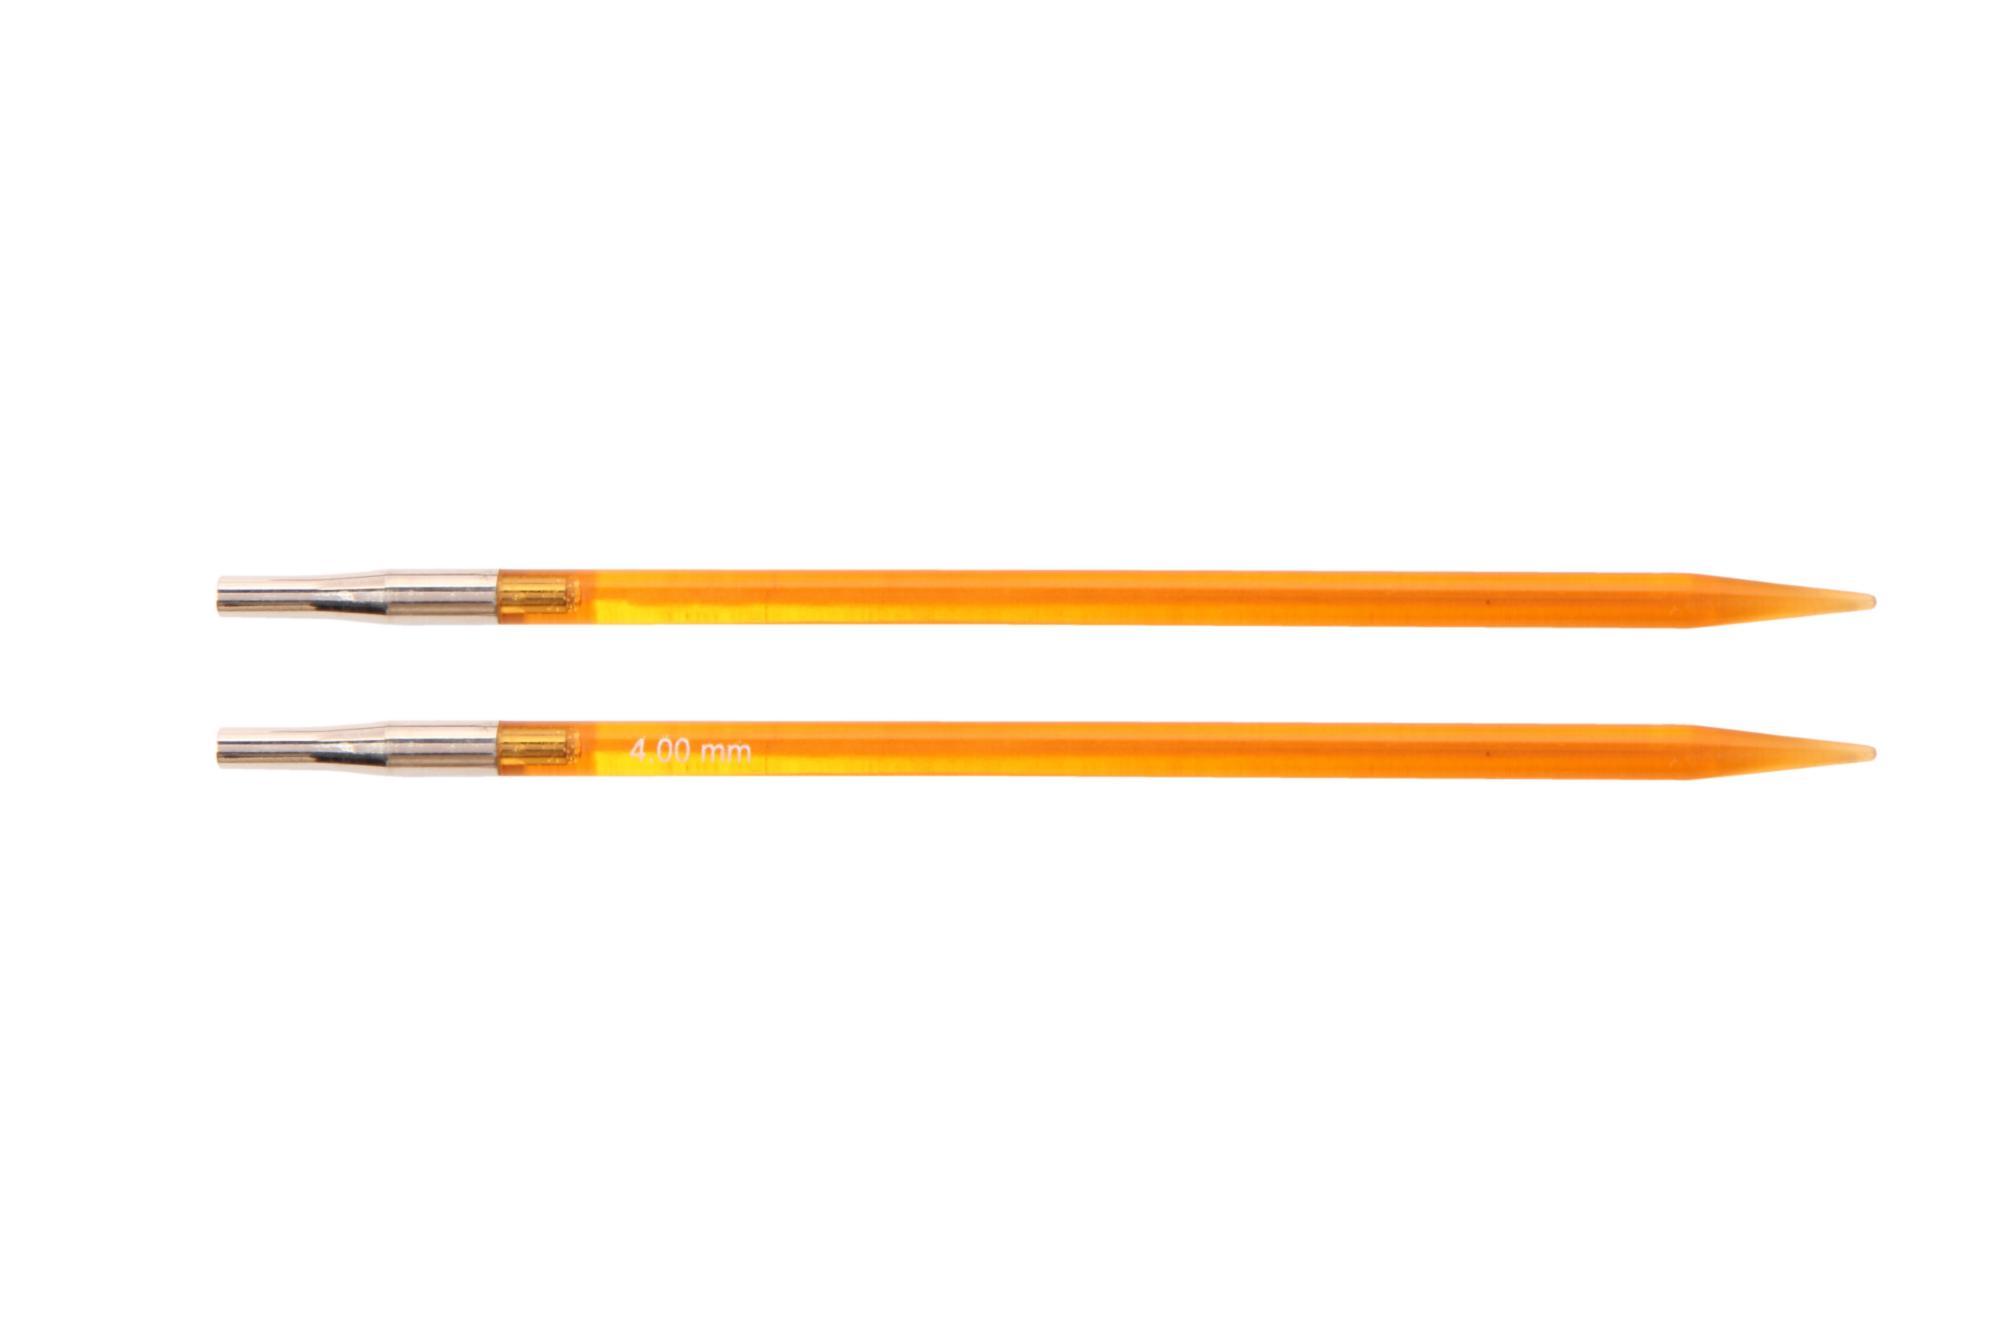 Спицы съемные Trendz KnitPro, 51253, 4.00 мм